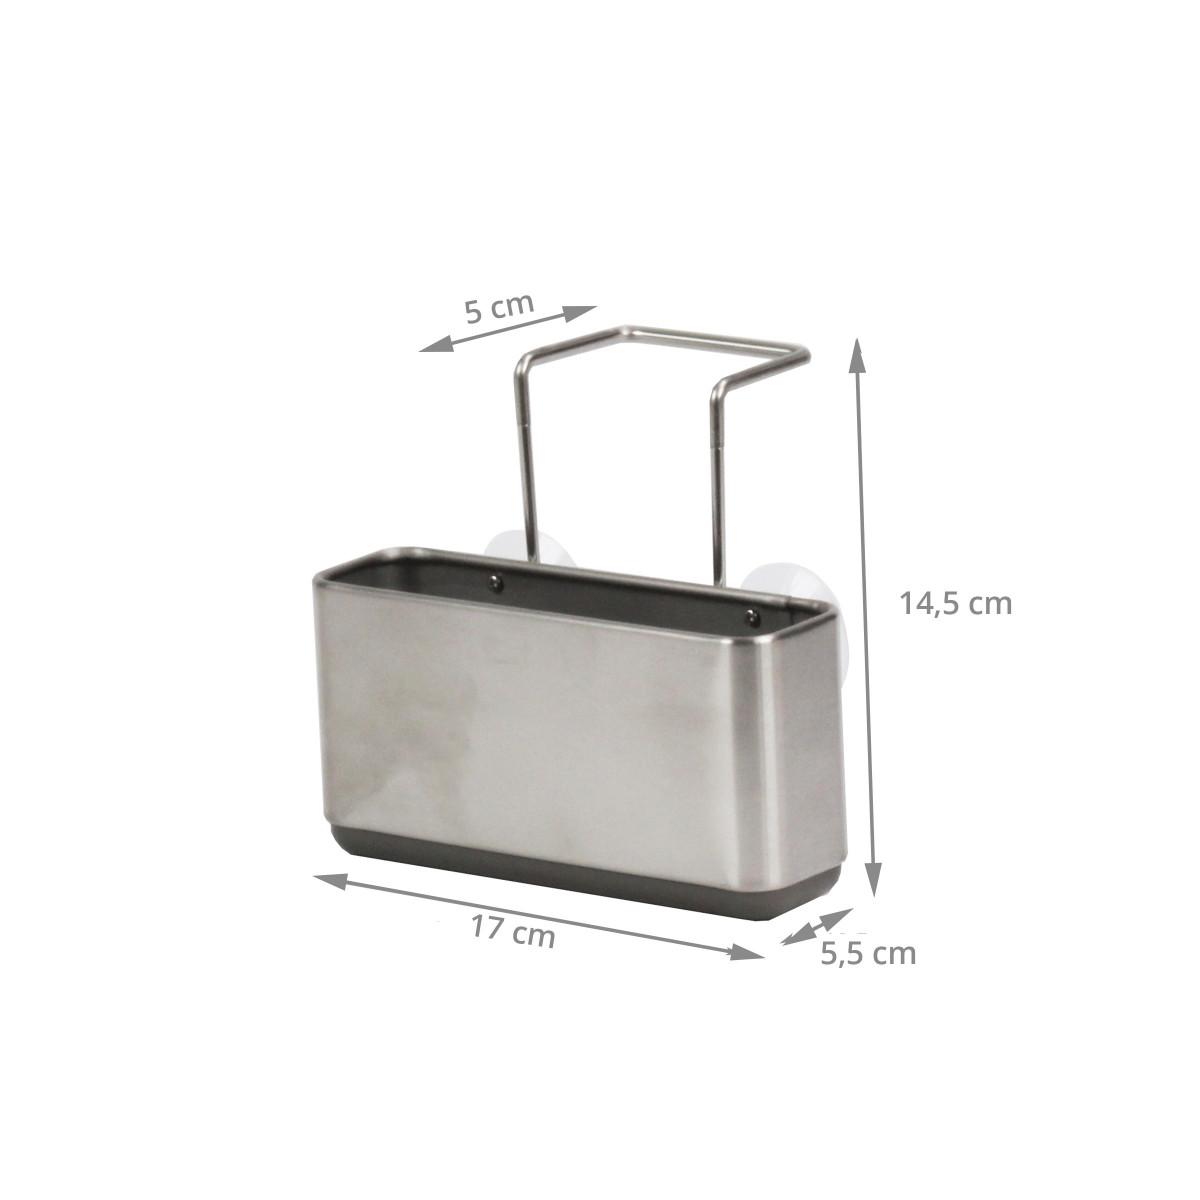 Porte ponge suspendre rangement cuisine for Plan de travail acier